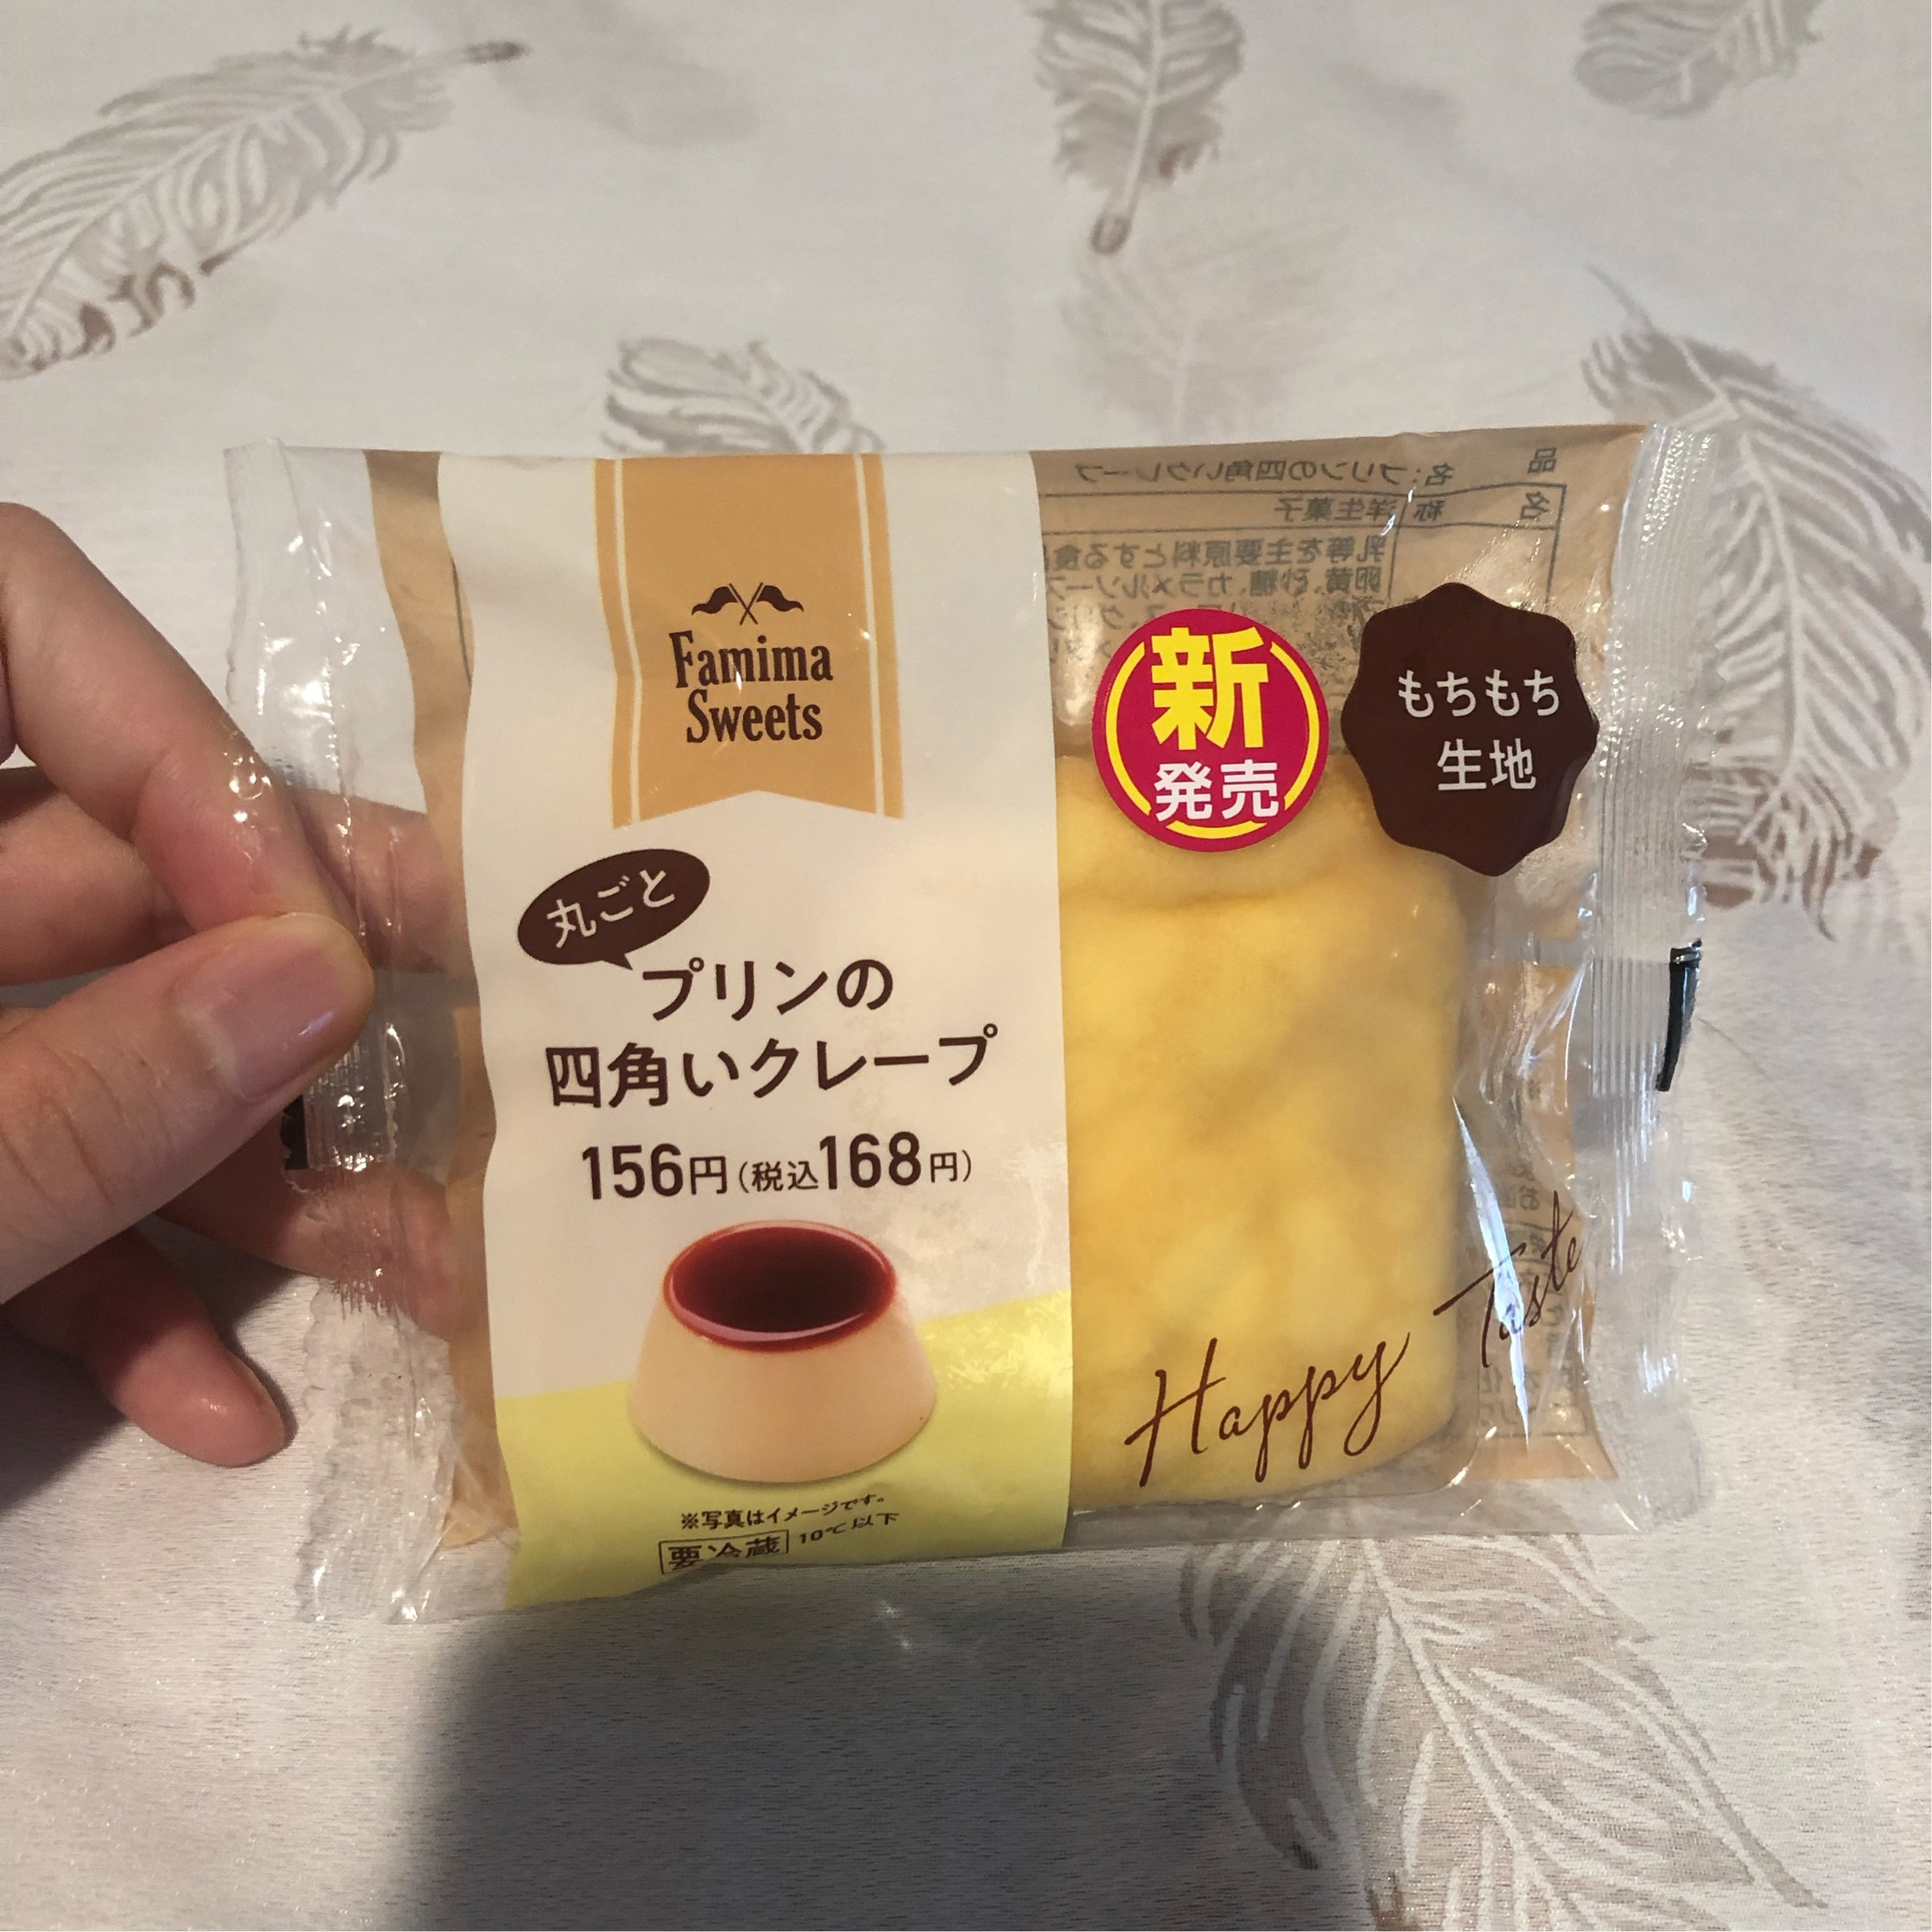 【ファミマ】プリン系スイーツ2種食べ比べ_1_2-1